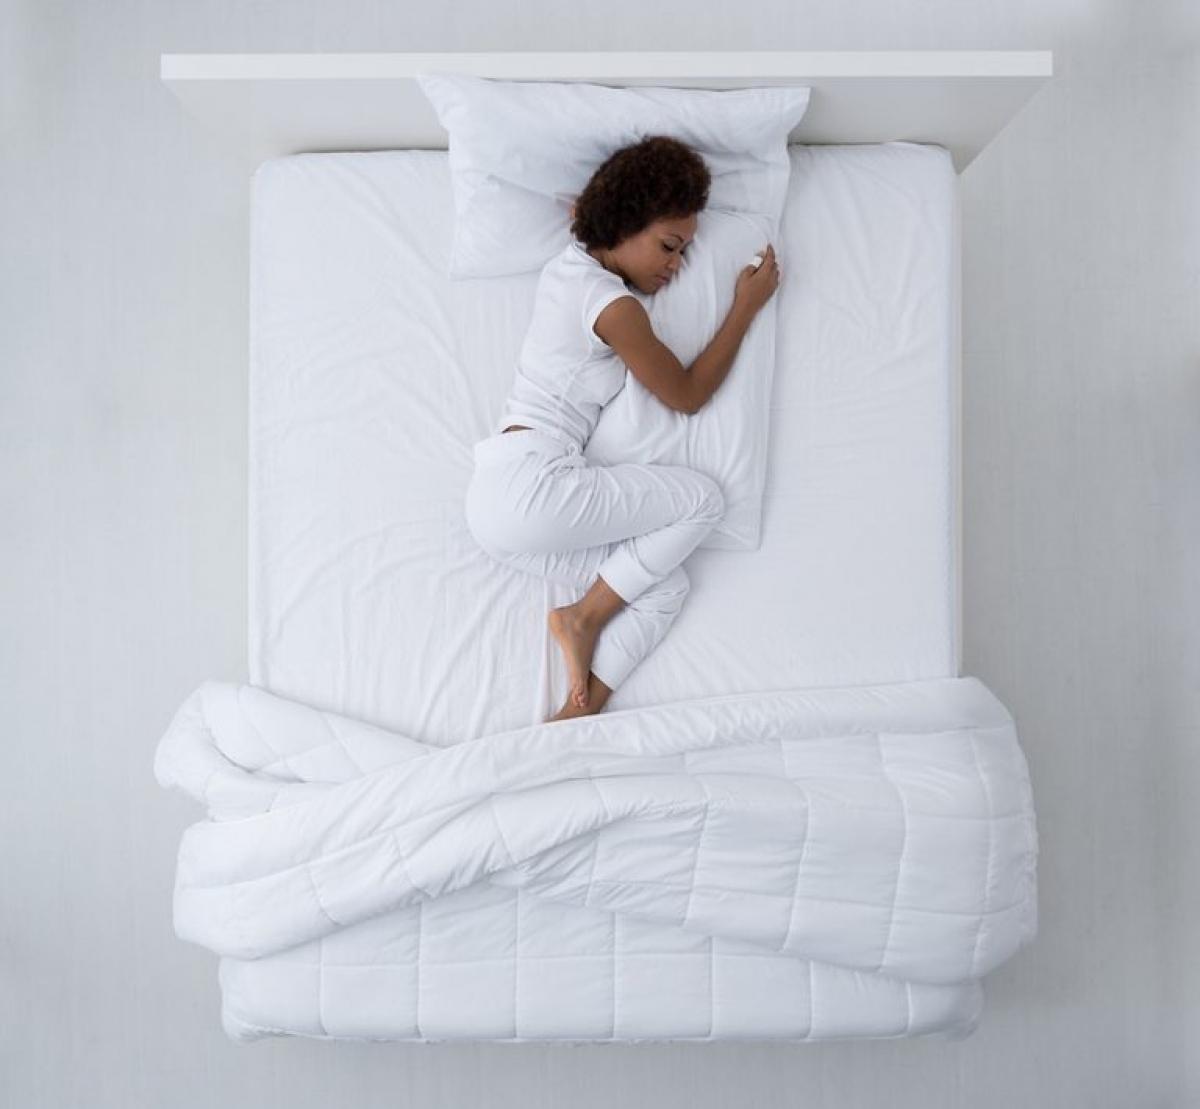 Chân bồn chồn: Nghiên cứu cho thấy hội chứng chân bồn chồn là một trong những nguyên nhân gây mất ngủ hàng đầu. Hội chứng này gây cảm giác bồn chồn ở chân, khiến bạn muốn cử động chân kể cả khi đang ngủ. Các triệu chứng chân bồn chồn thường tệ hơn vào ban đêm và sử dụng thuốc kháng histamin để điều trị càng khiến giấc ngủ của bạn khó khăn hơn nữa.